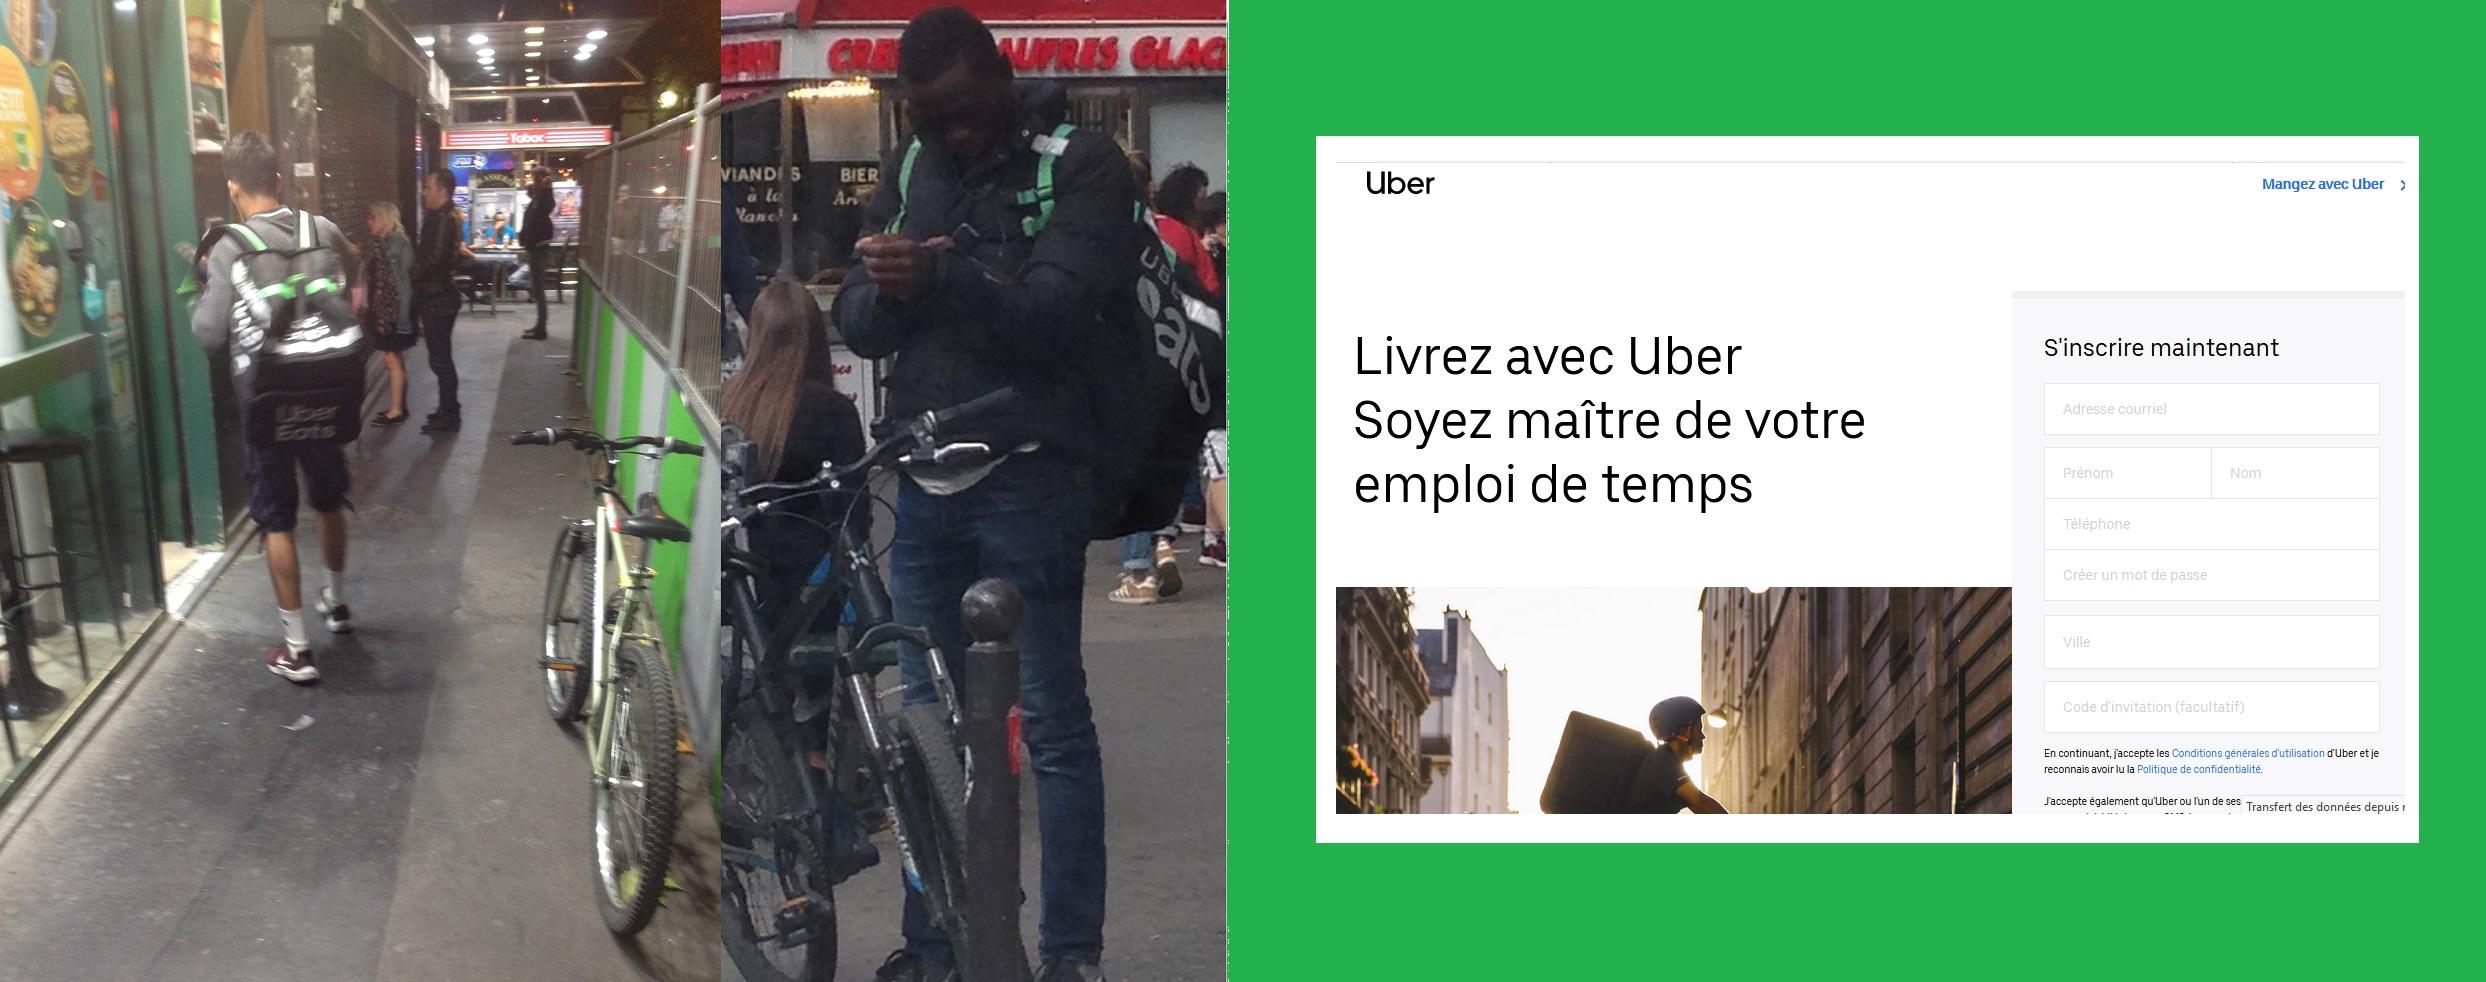 Enquête sur les livreurs Uber, ces nouveaux travailleurs indépendants